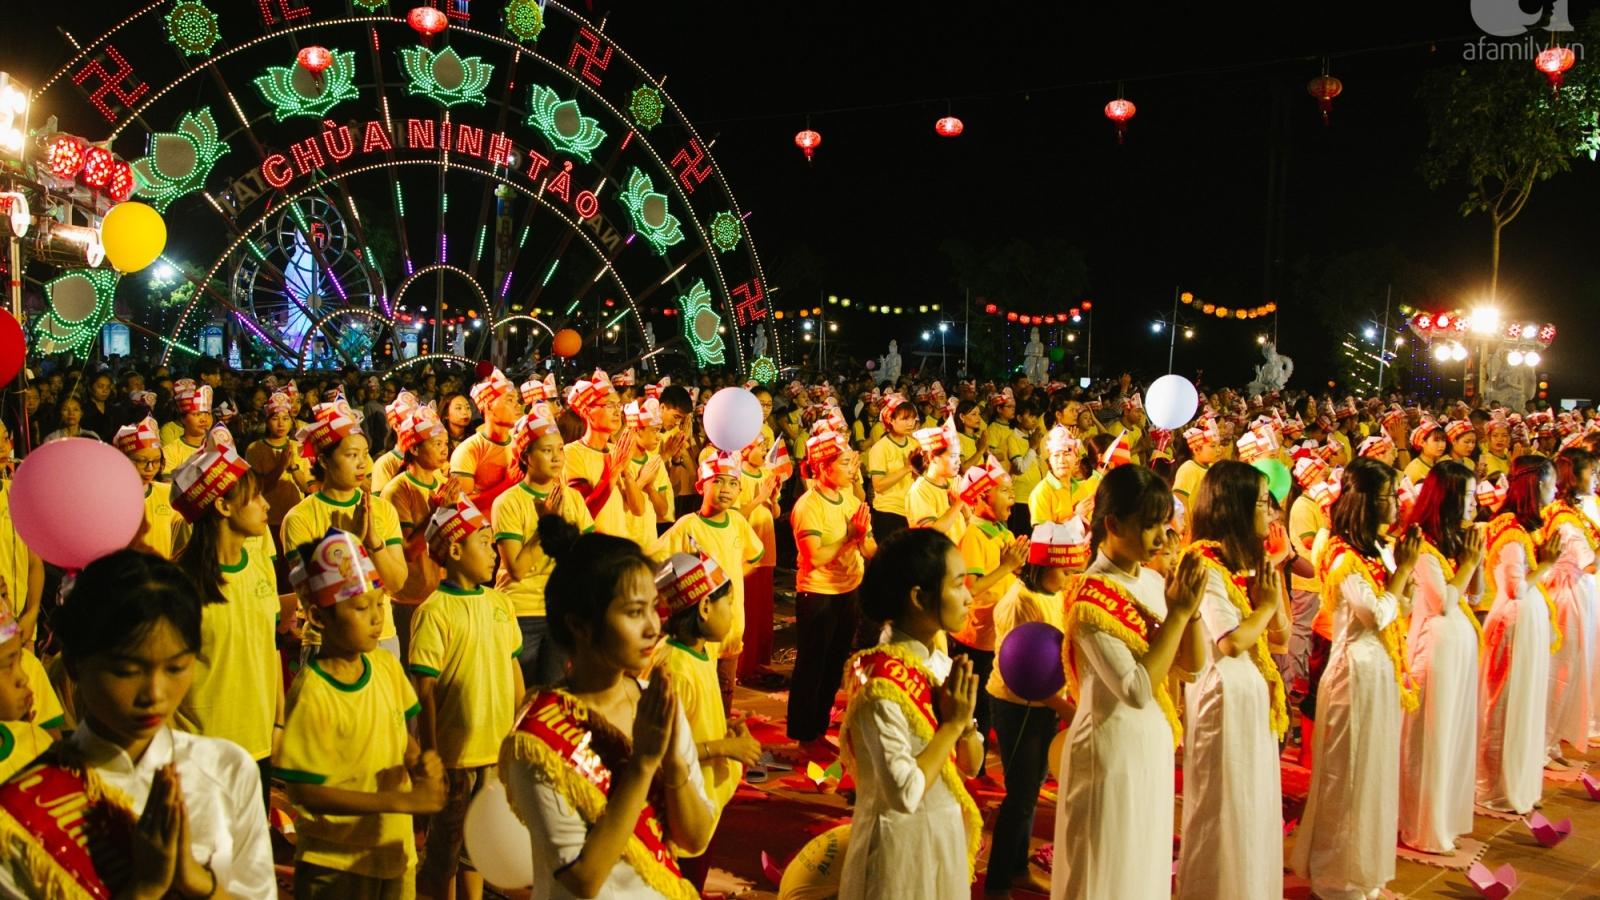 Vì sao Chính phủ chưa cho phép tổ chức các nghi lễ tôn giáo?